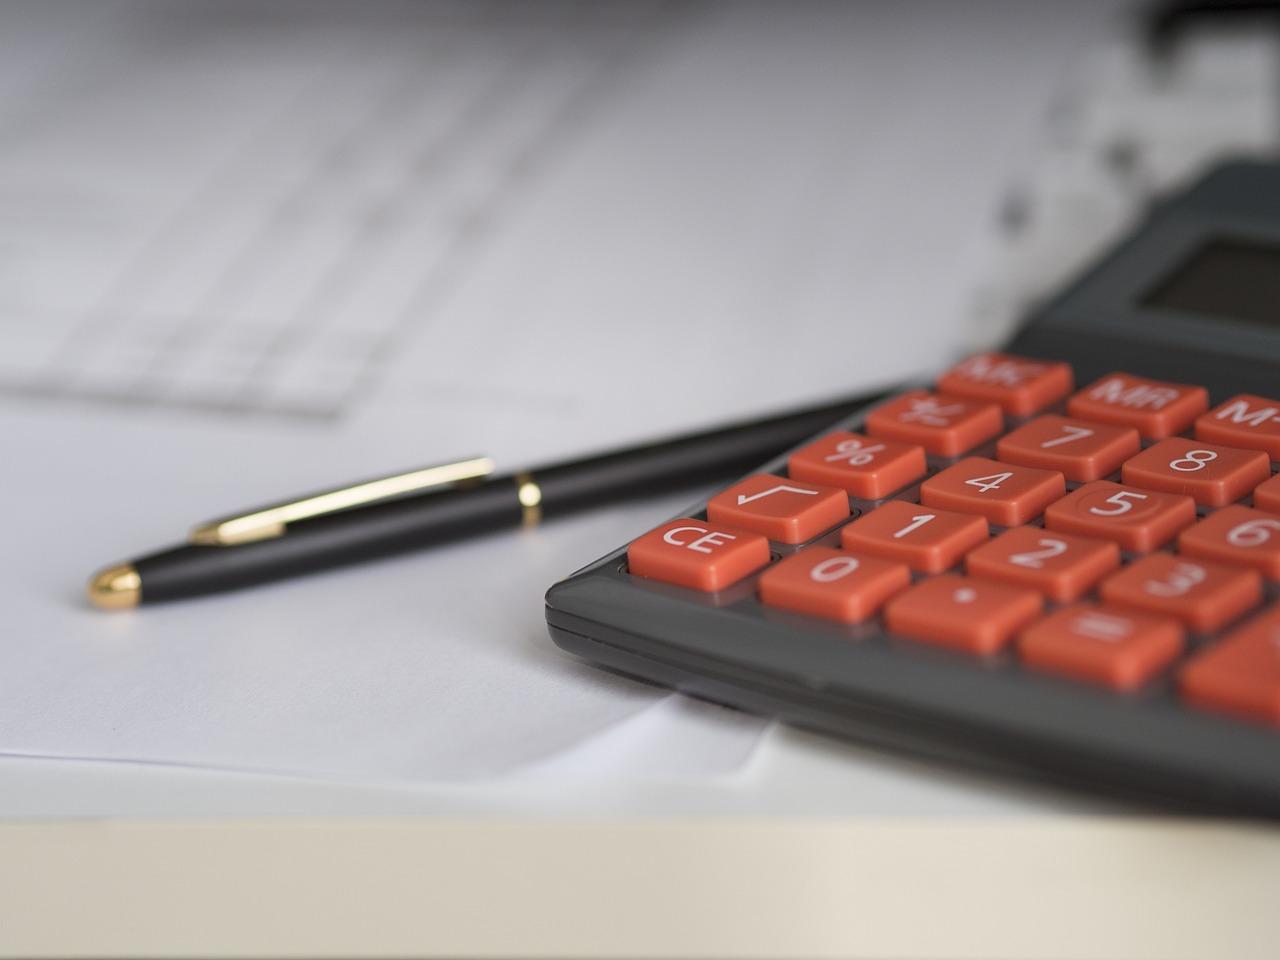 多倍保是一个怎样的保险?可以取回本金吗?